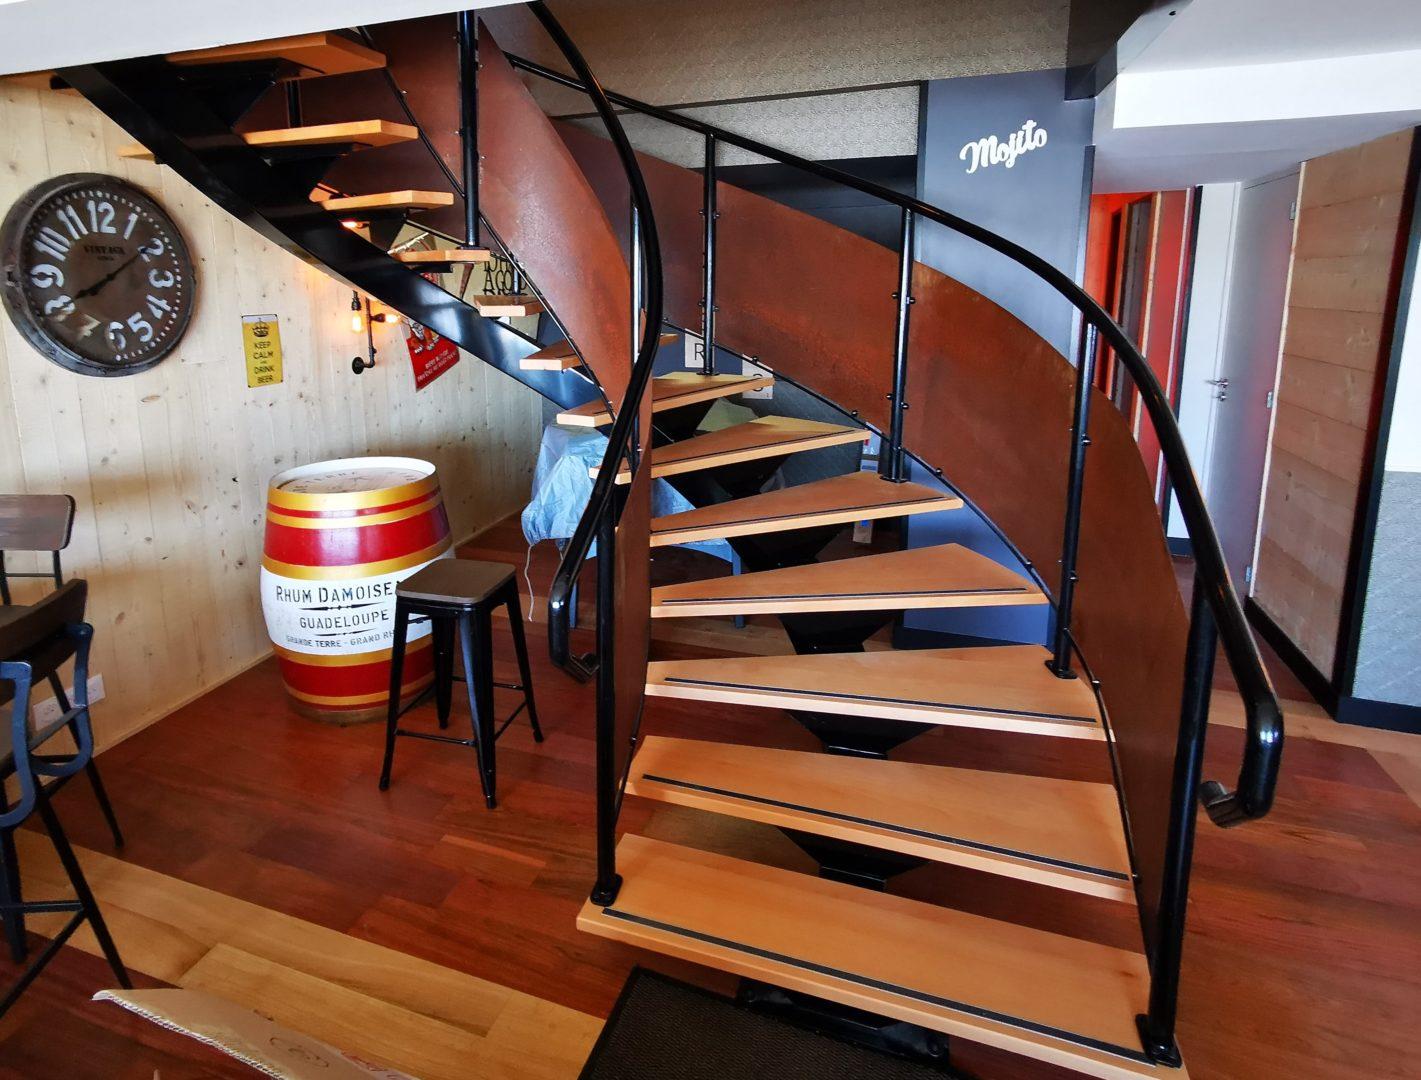 IMG 20200326 123400 1 2 - Escaliers